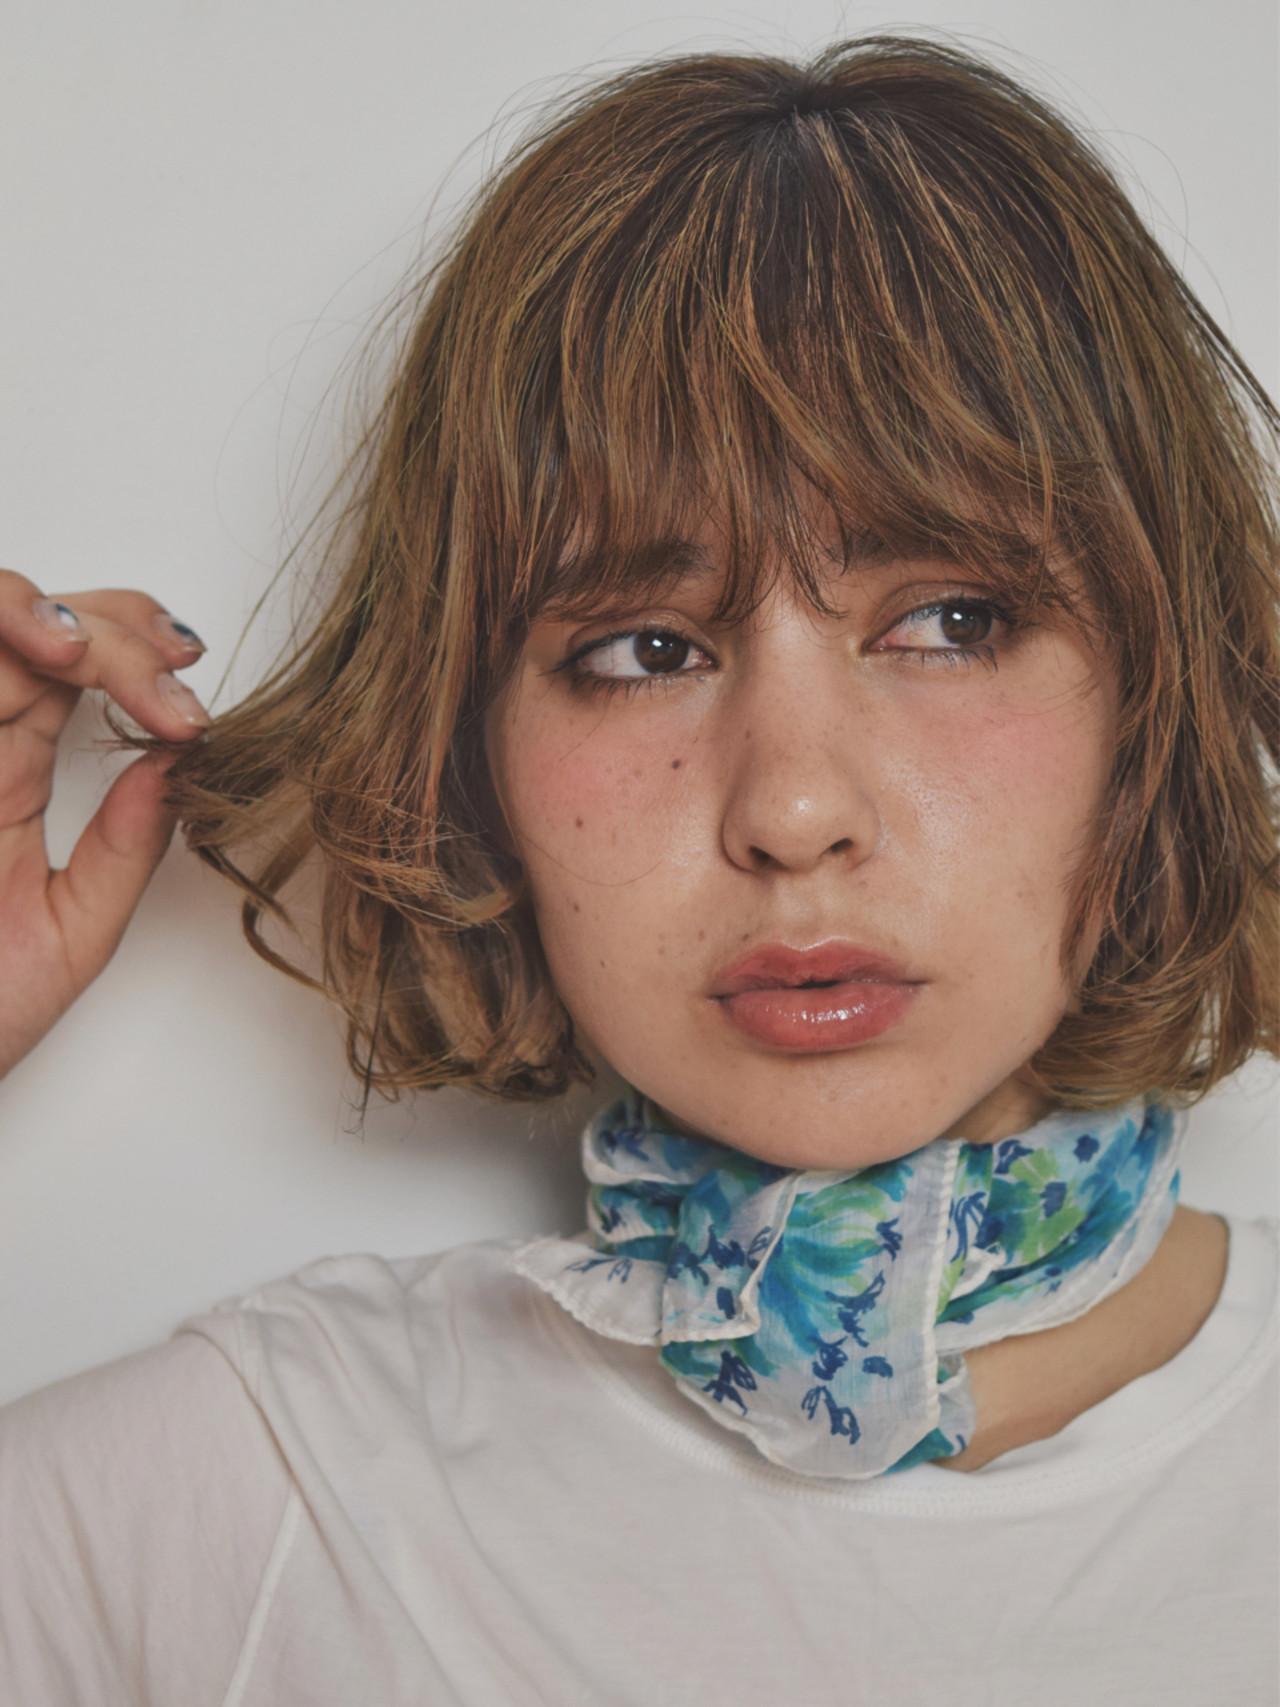 外ハネ パーマ ストリート ブラウン ヘアスタイルや髪型の写真・画像 | Natsuko Kodama 児玉奈都子 / dydi